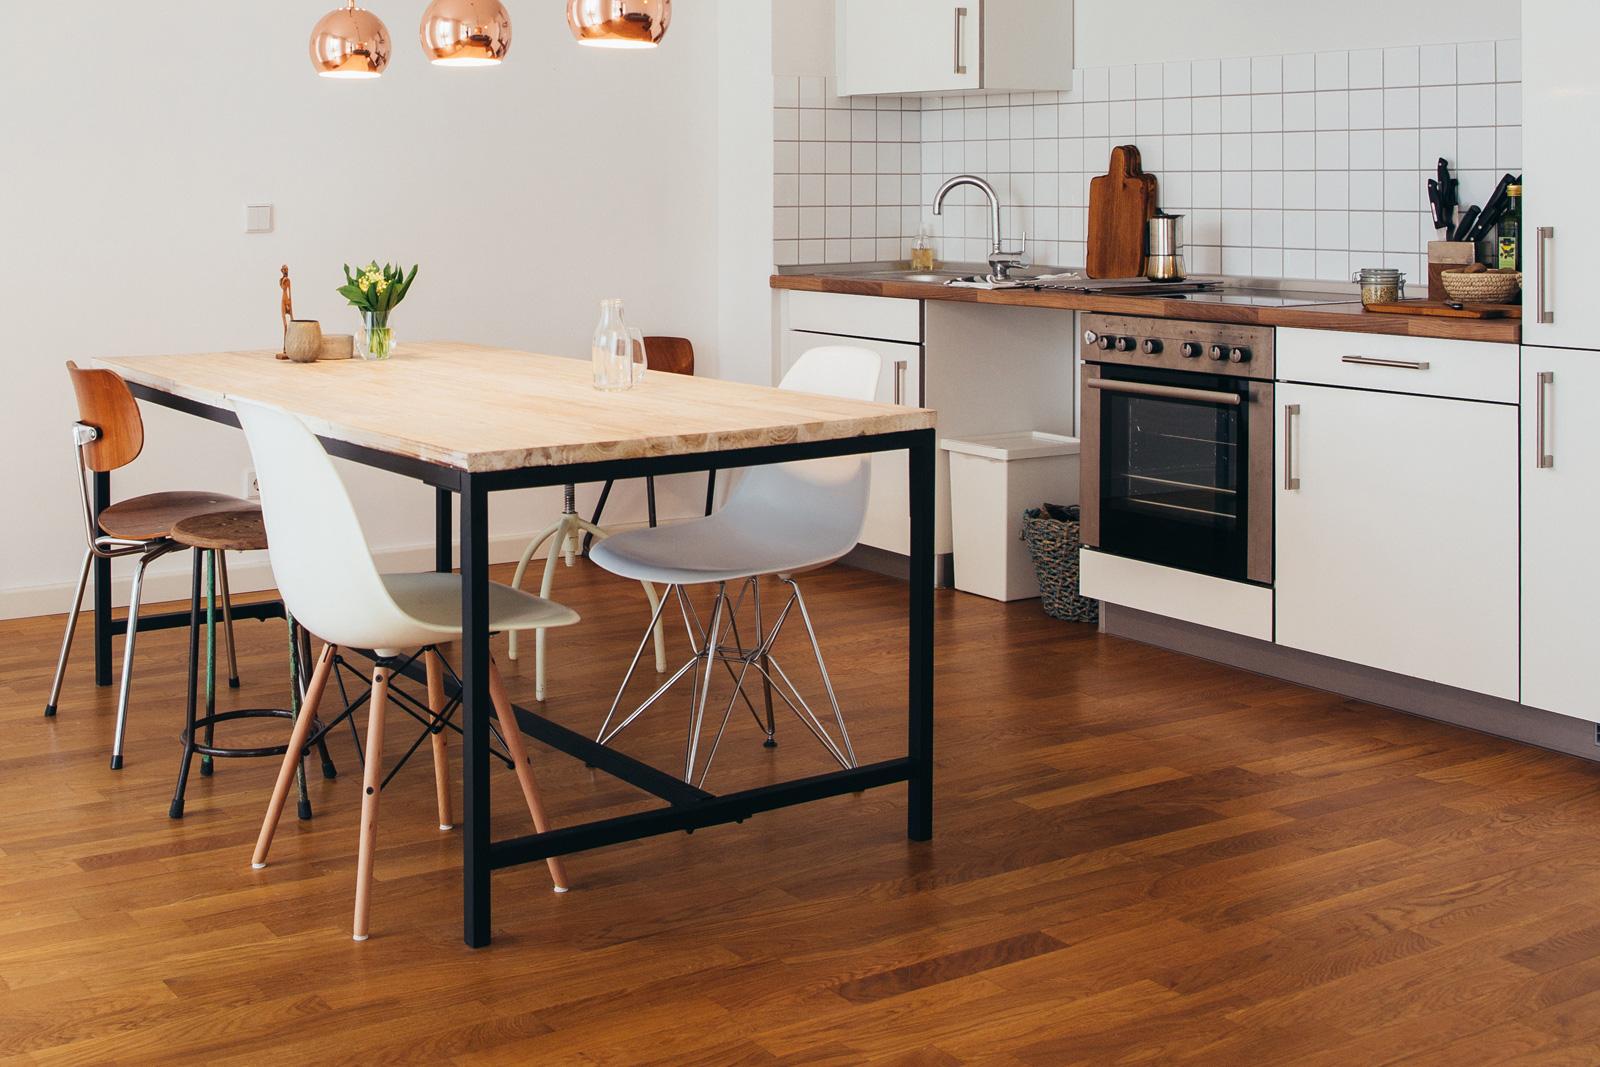 kitchen floors kitchen flooring options | best flooring for kitchens HALVIYG